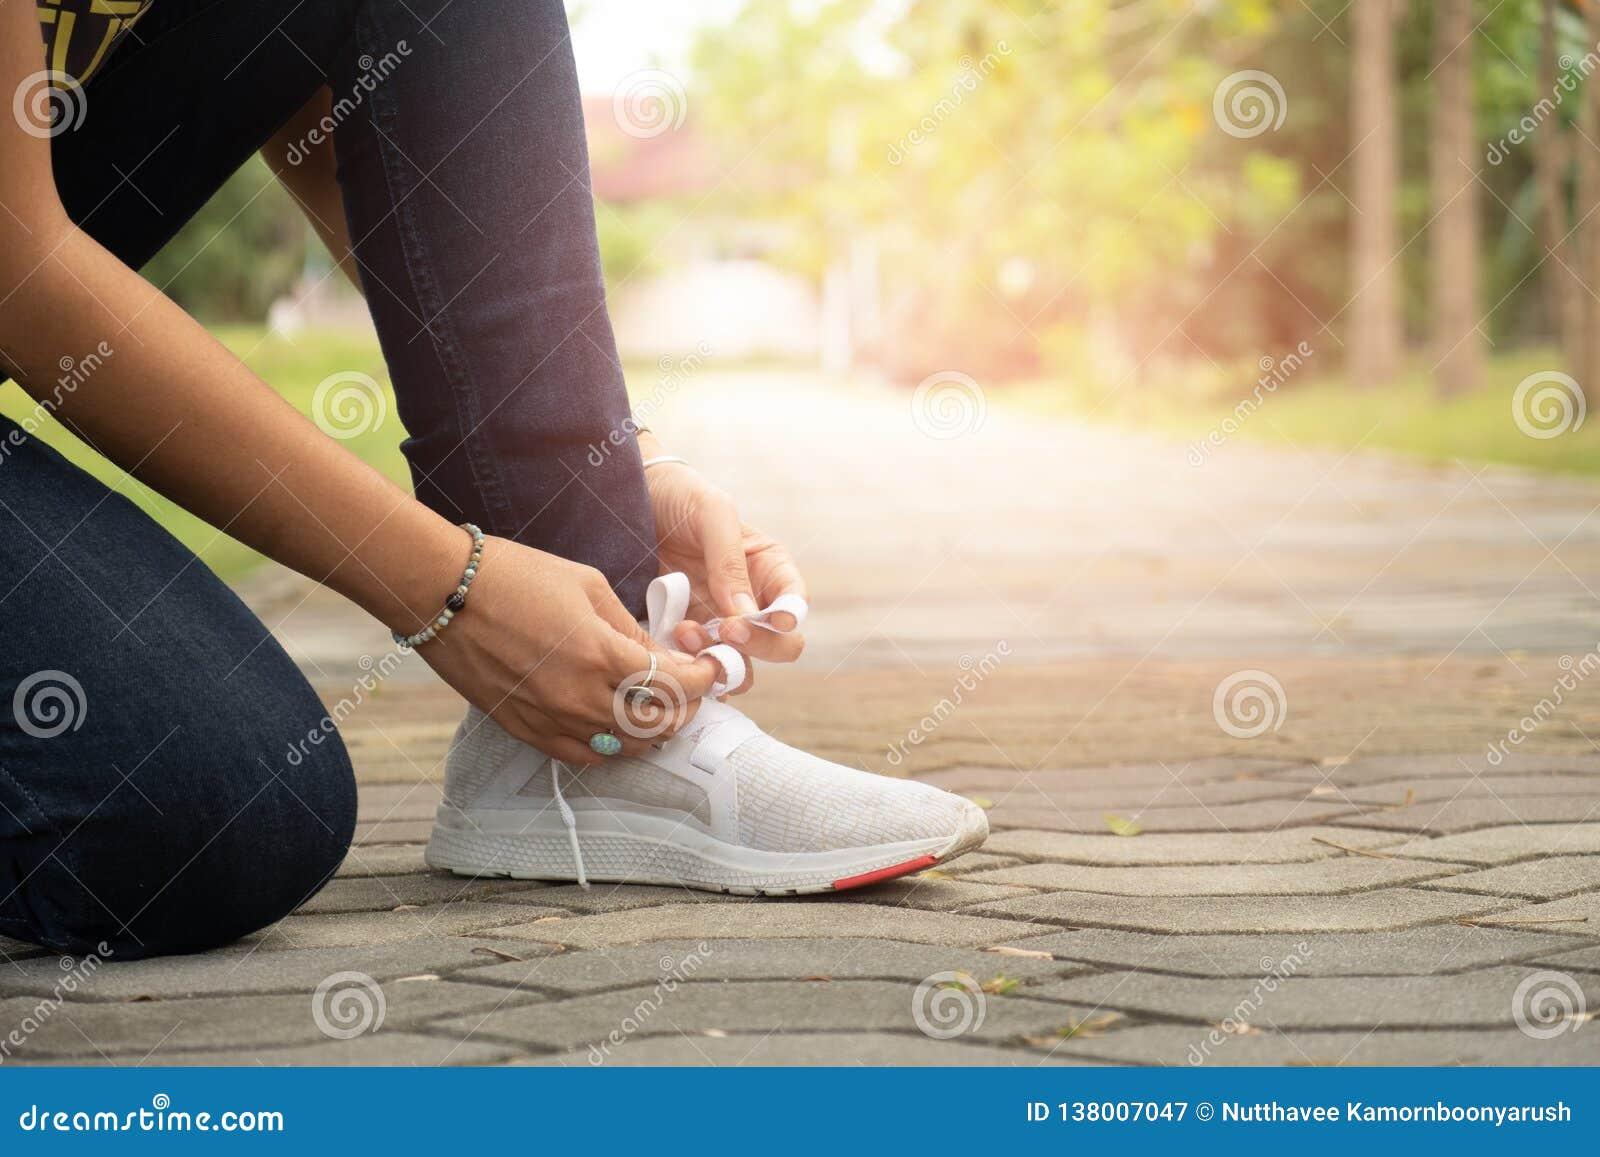 Спортсмен сидит вниз к веревочке ботинка